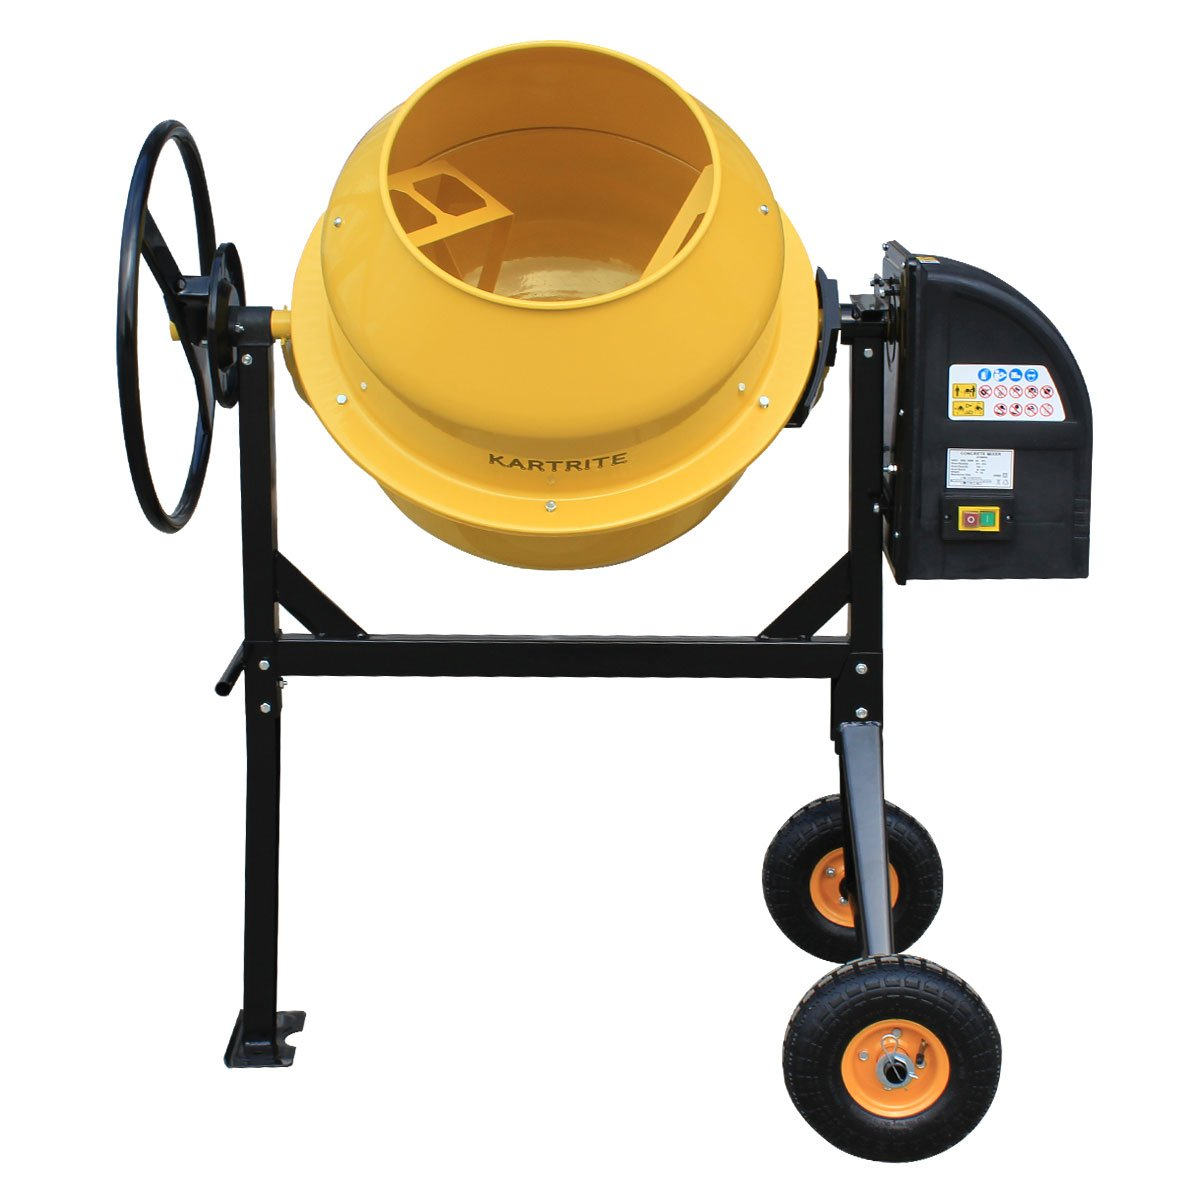 Kartrite 140L Cement Concrete Mixer Sand Gravel Portable 650W - $502